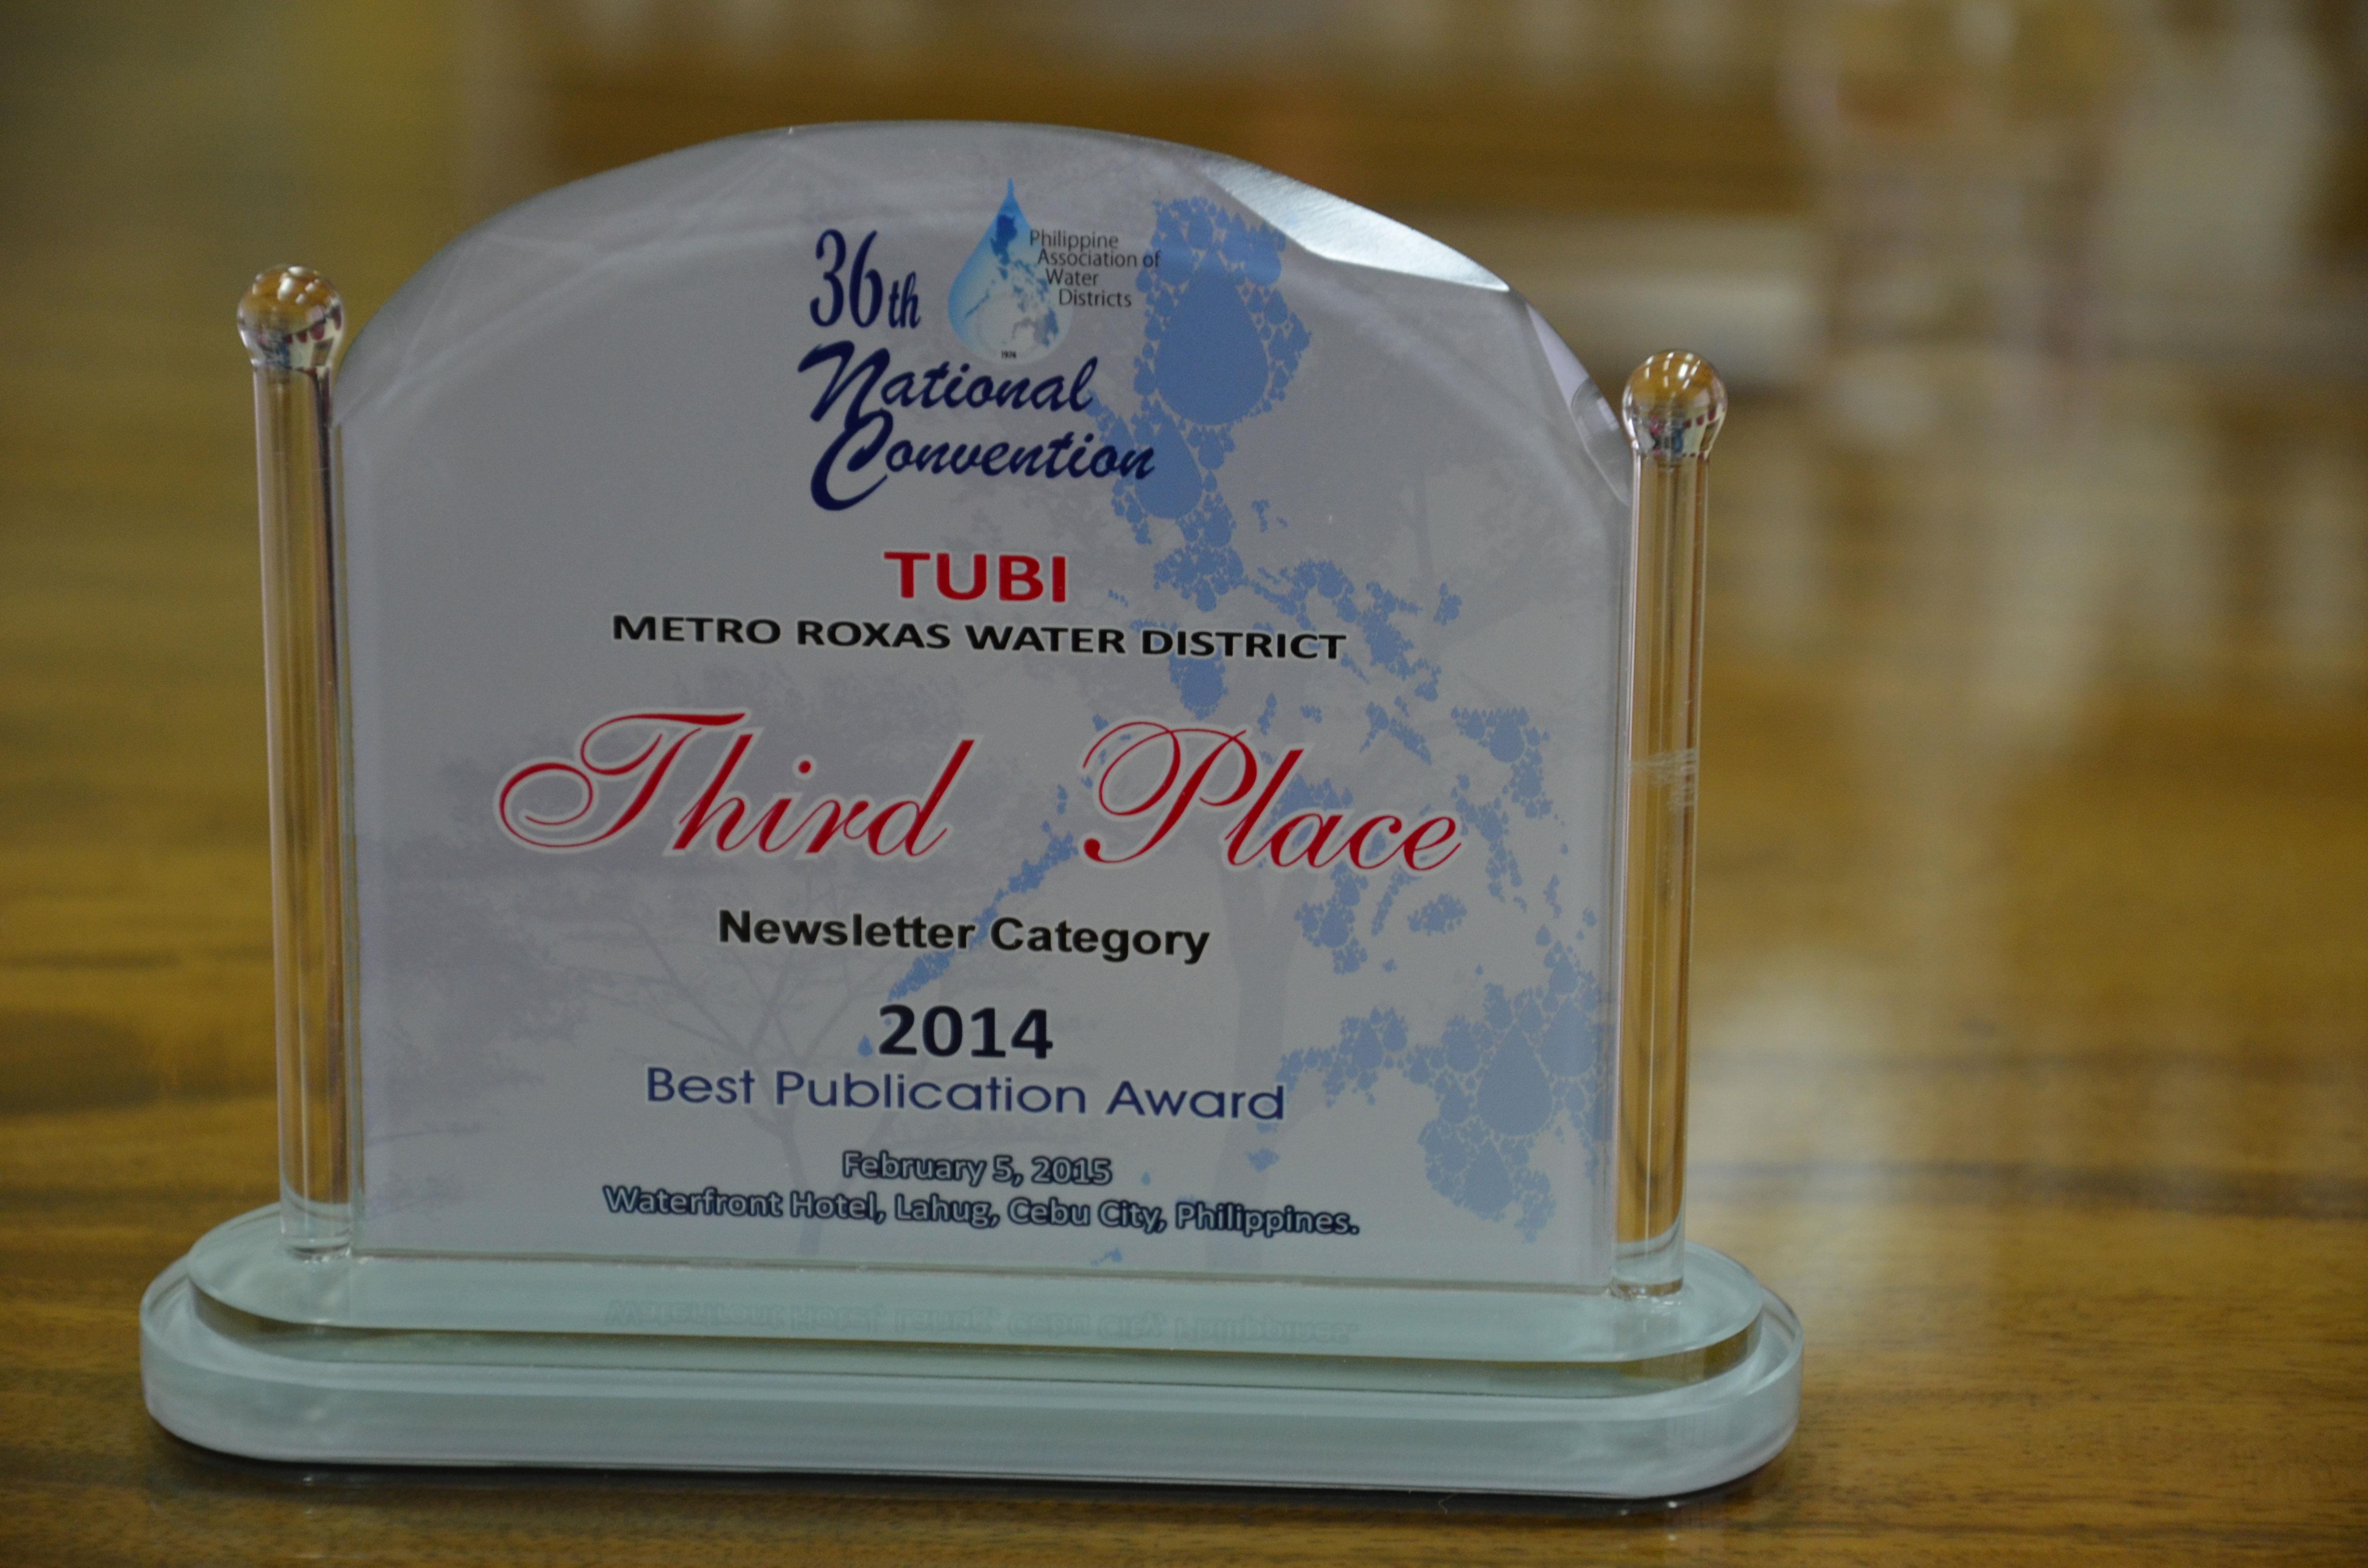 newsletter-award